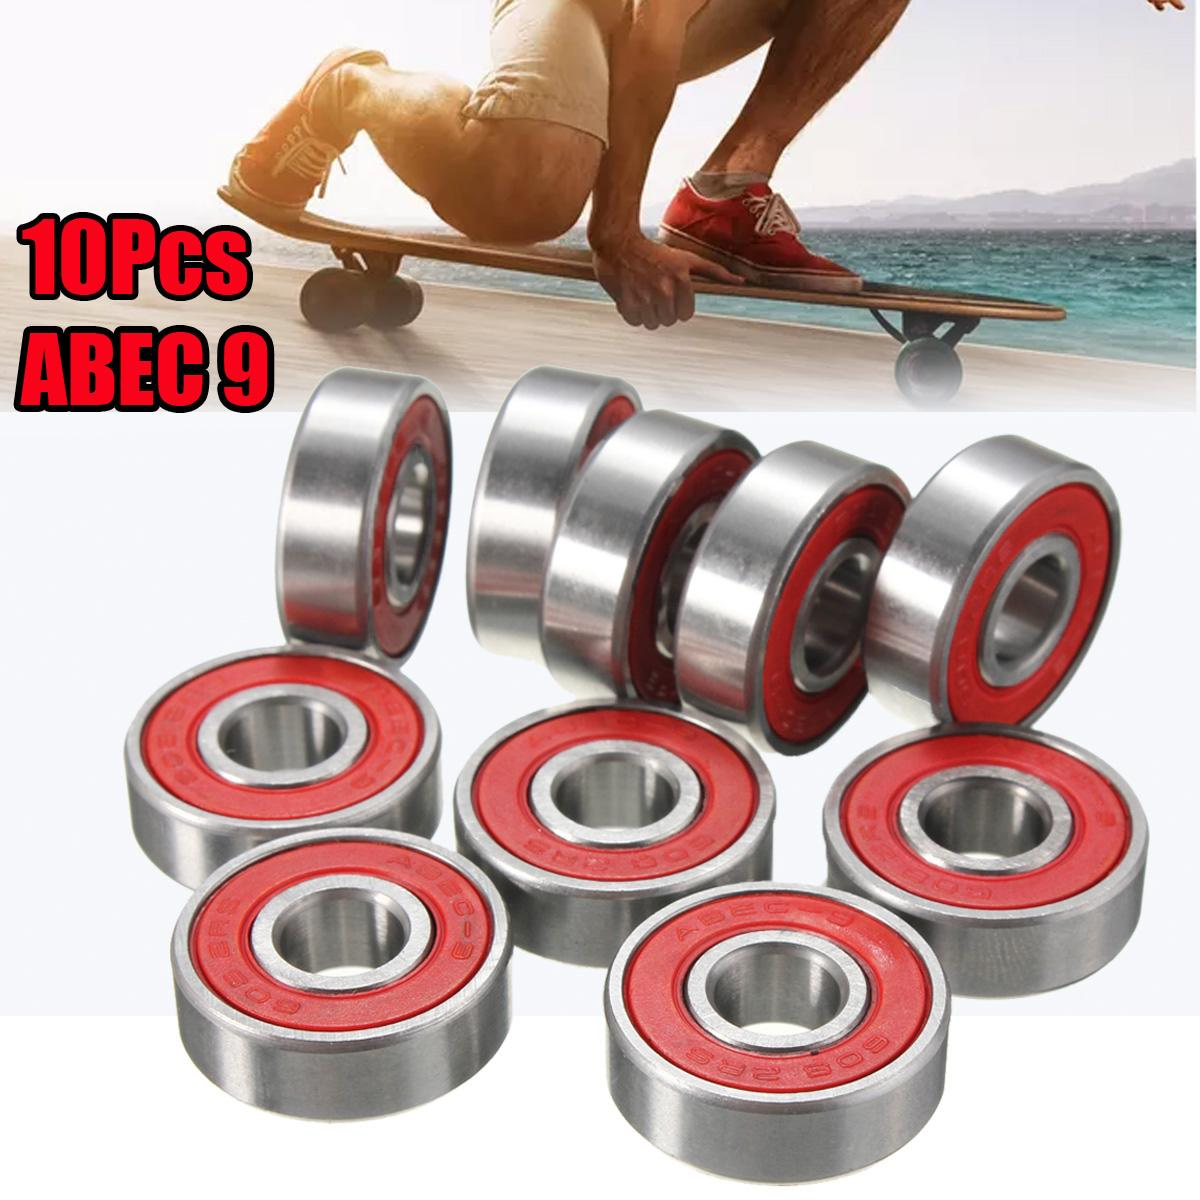 10x ABEC-9 608 2RS Inline Roller Skate Wheel Bearing Anti-rust Skateboard Wheel Bearing Red Sealed 8x22x7mm Shaft